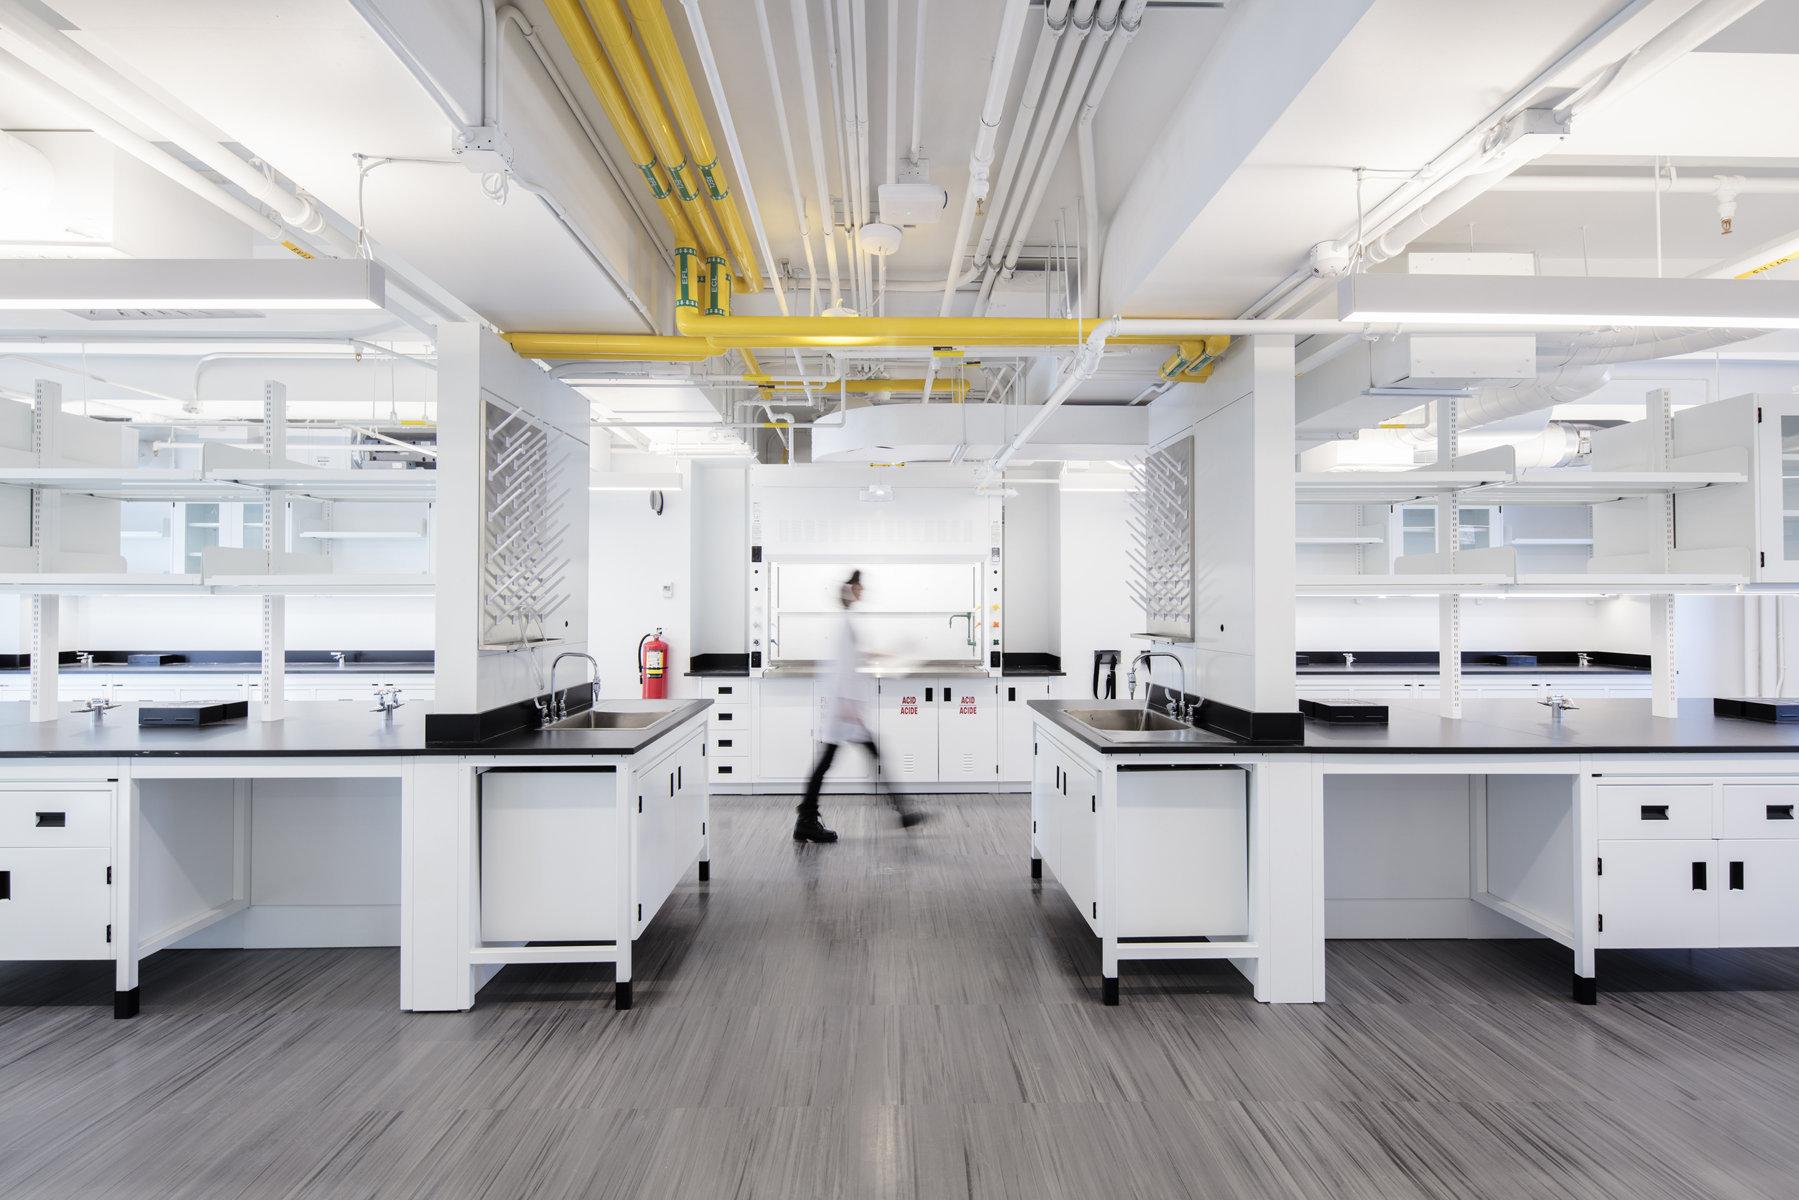 Laboratoires de recherche FHMR